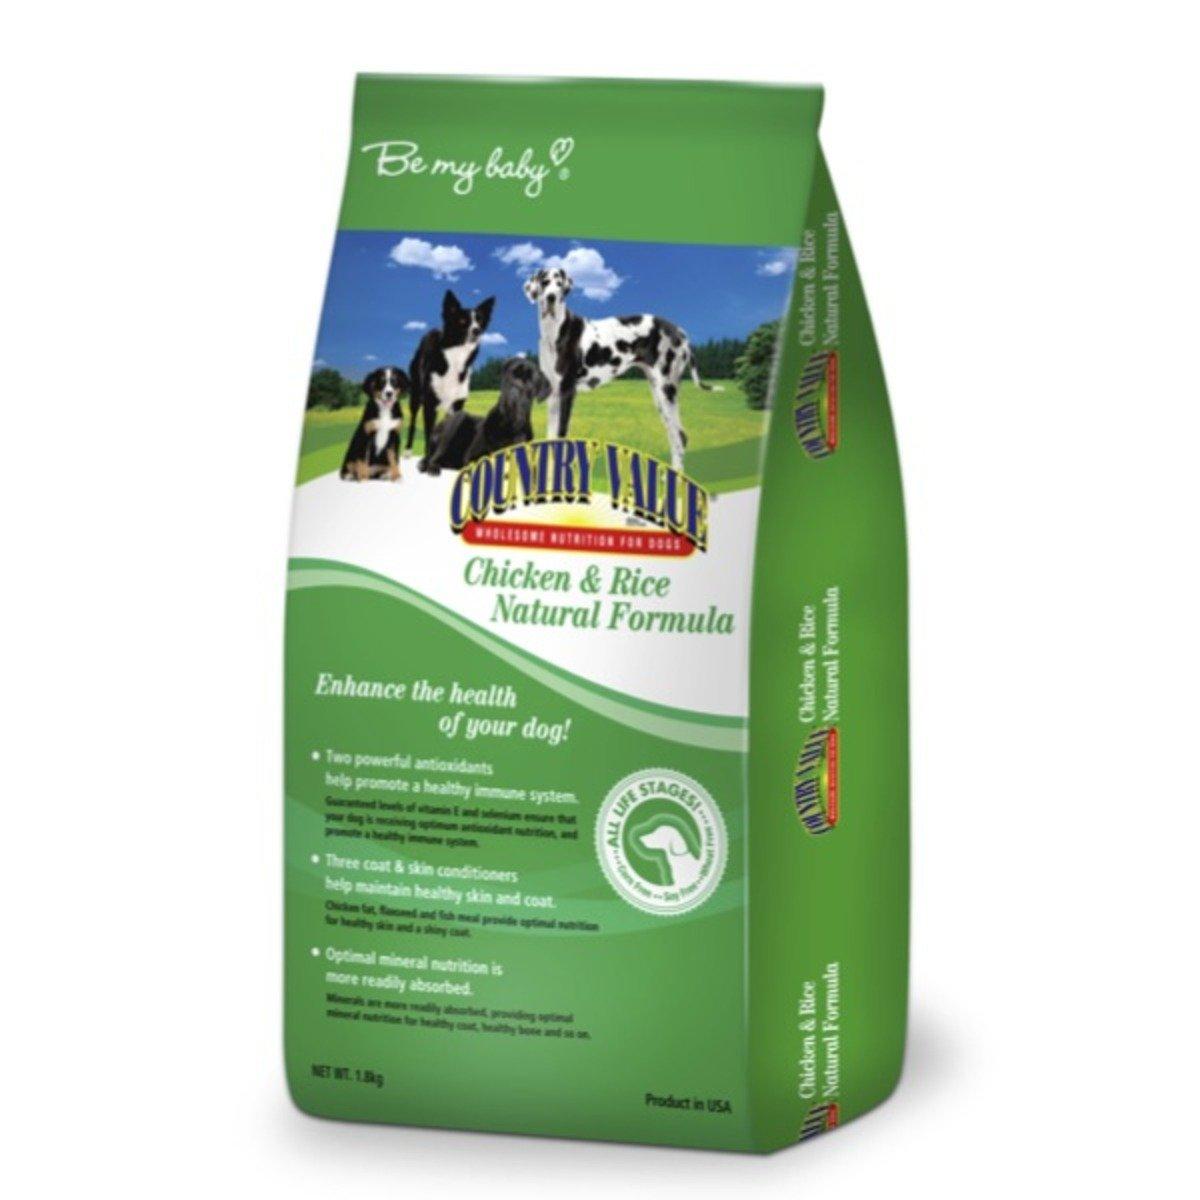 美國 CV全犬糧 雞肉米飯天然配方1.8kg